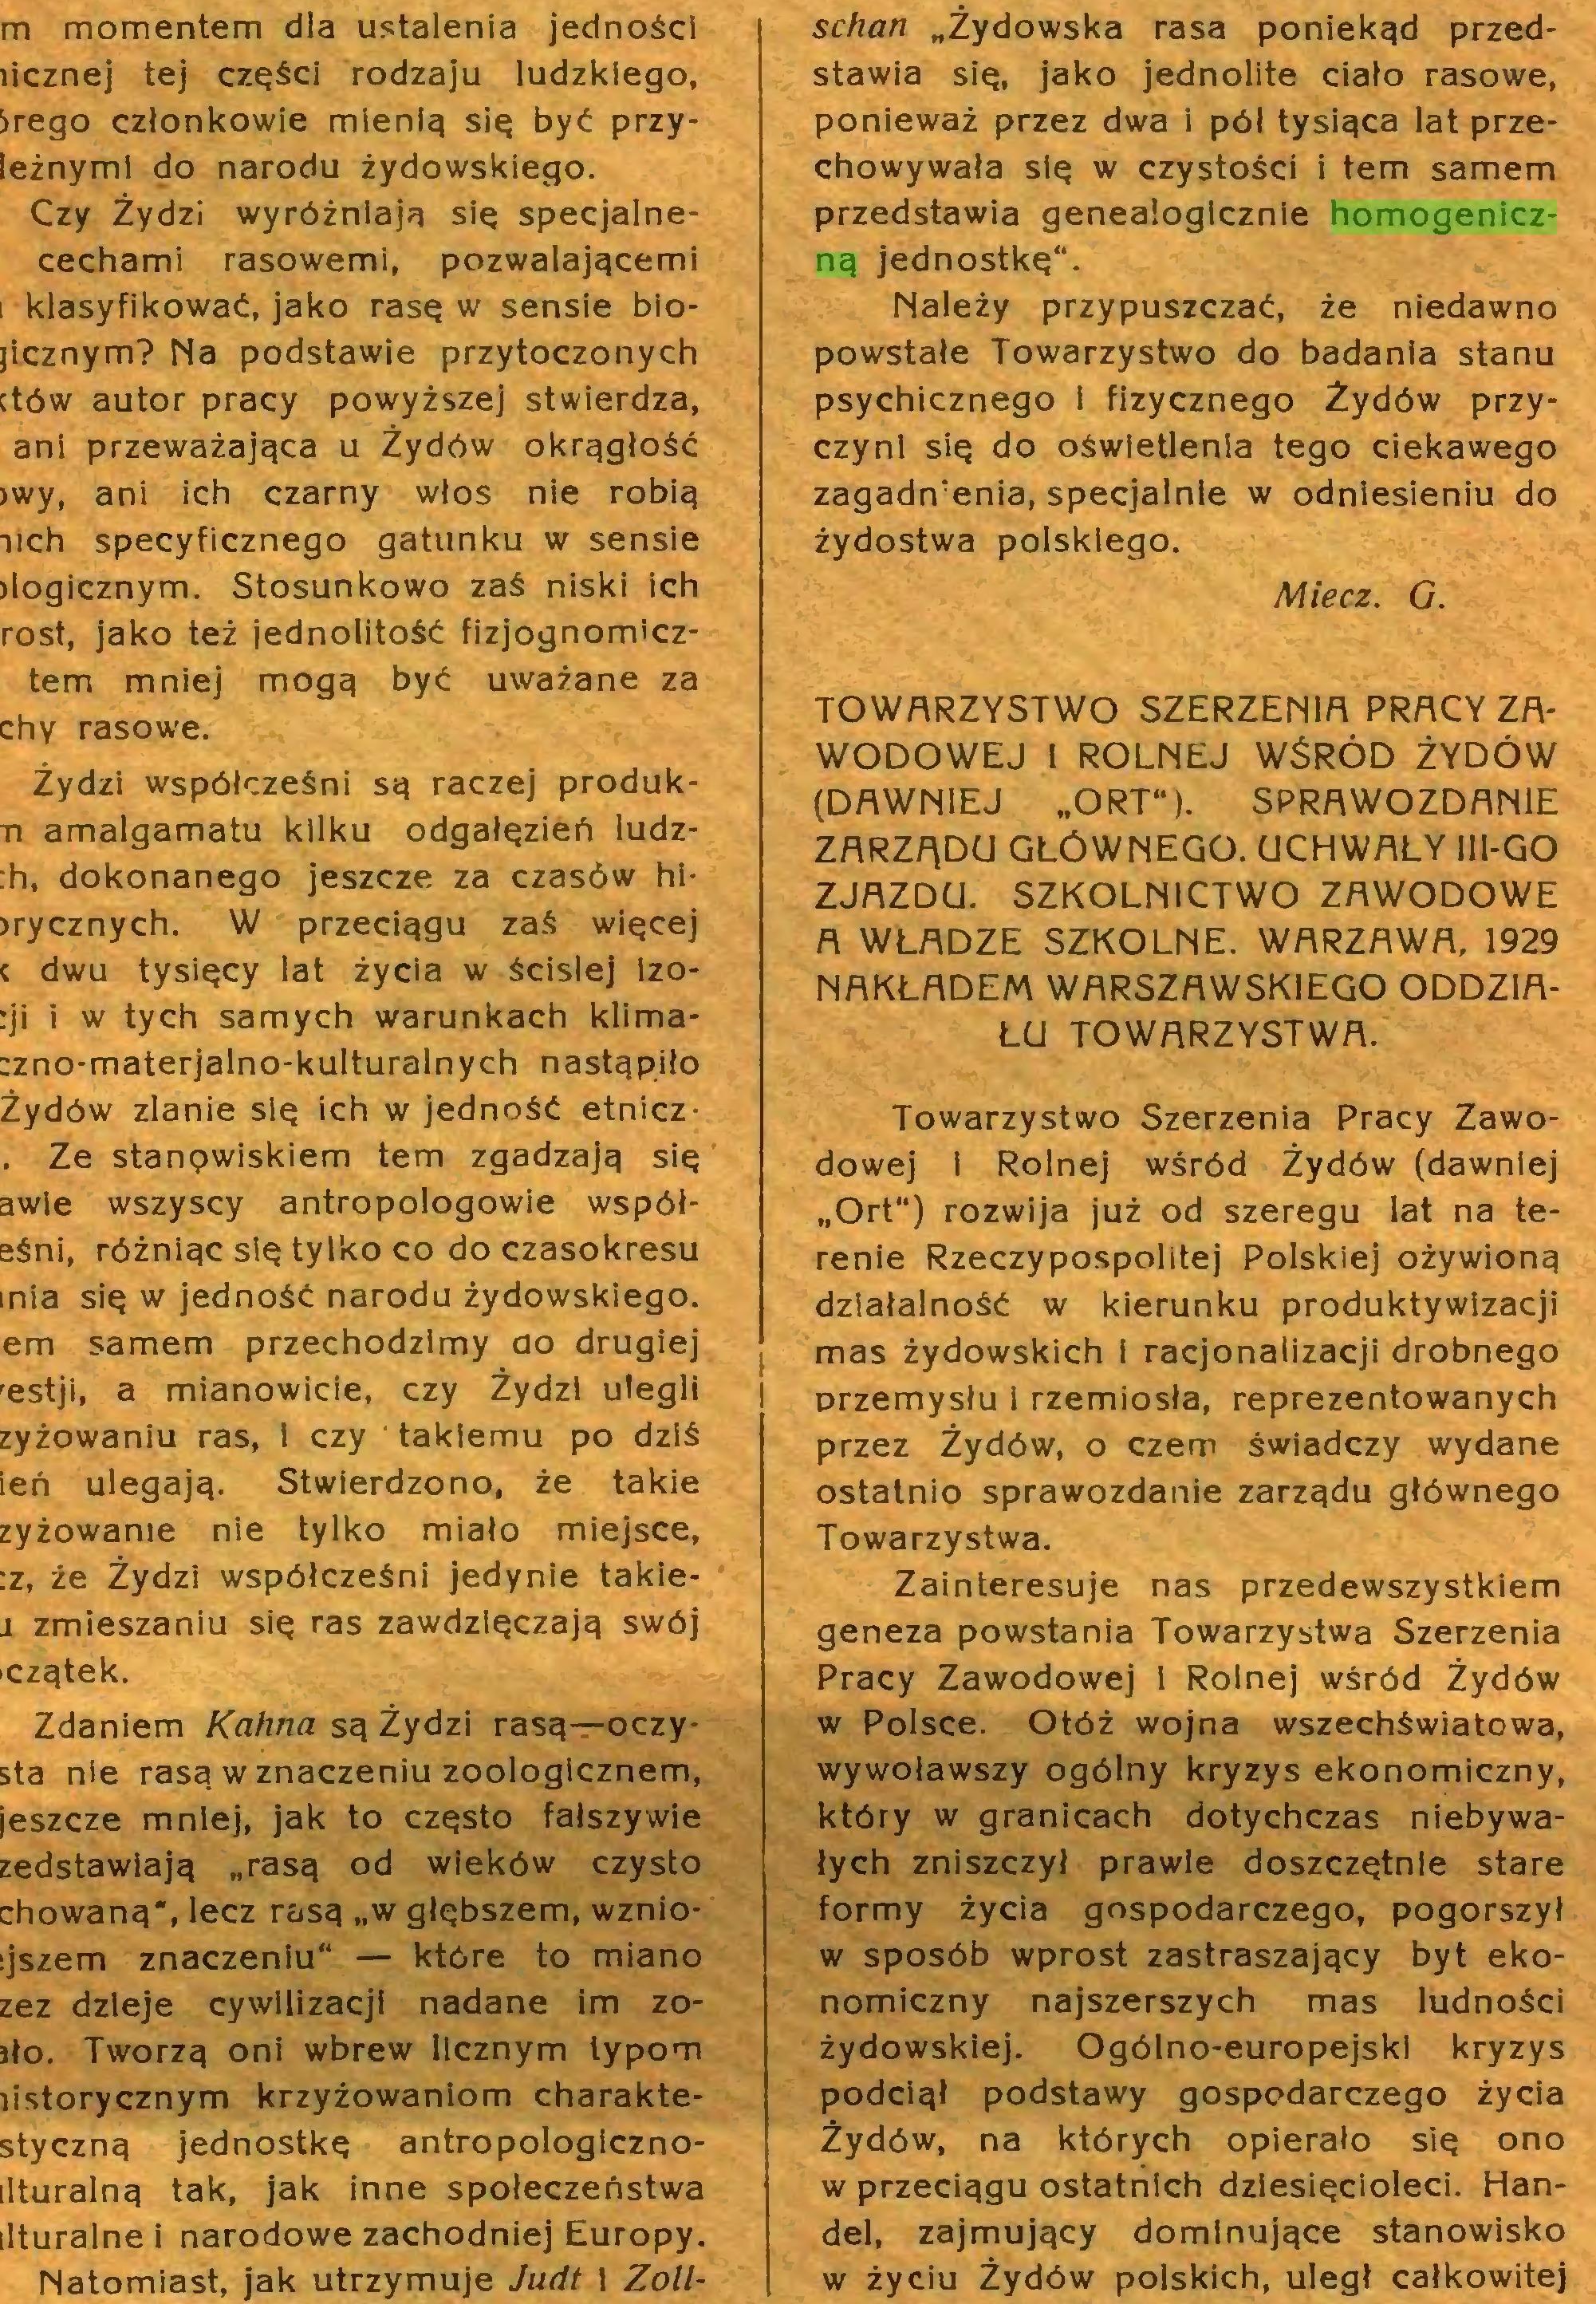 """(...) Natomiast, jak utrzymuje Judt i Zoll- schan """"Żydowska rasa poniekąd przedstawia się, jako jednolite ciało rasowe, ponieważ przez dwa i pól tysiąca lat przechowywała się w czystości i tern samem przedstawia genealogicznie homogeniczną jednostkę""""..."""